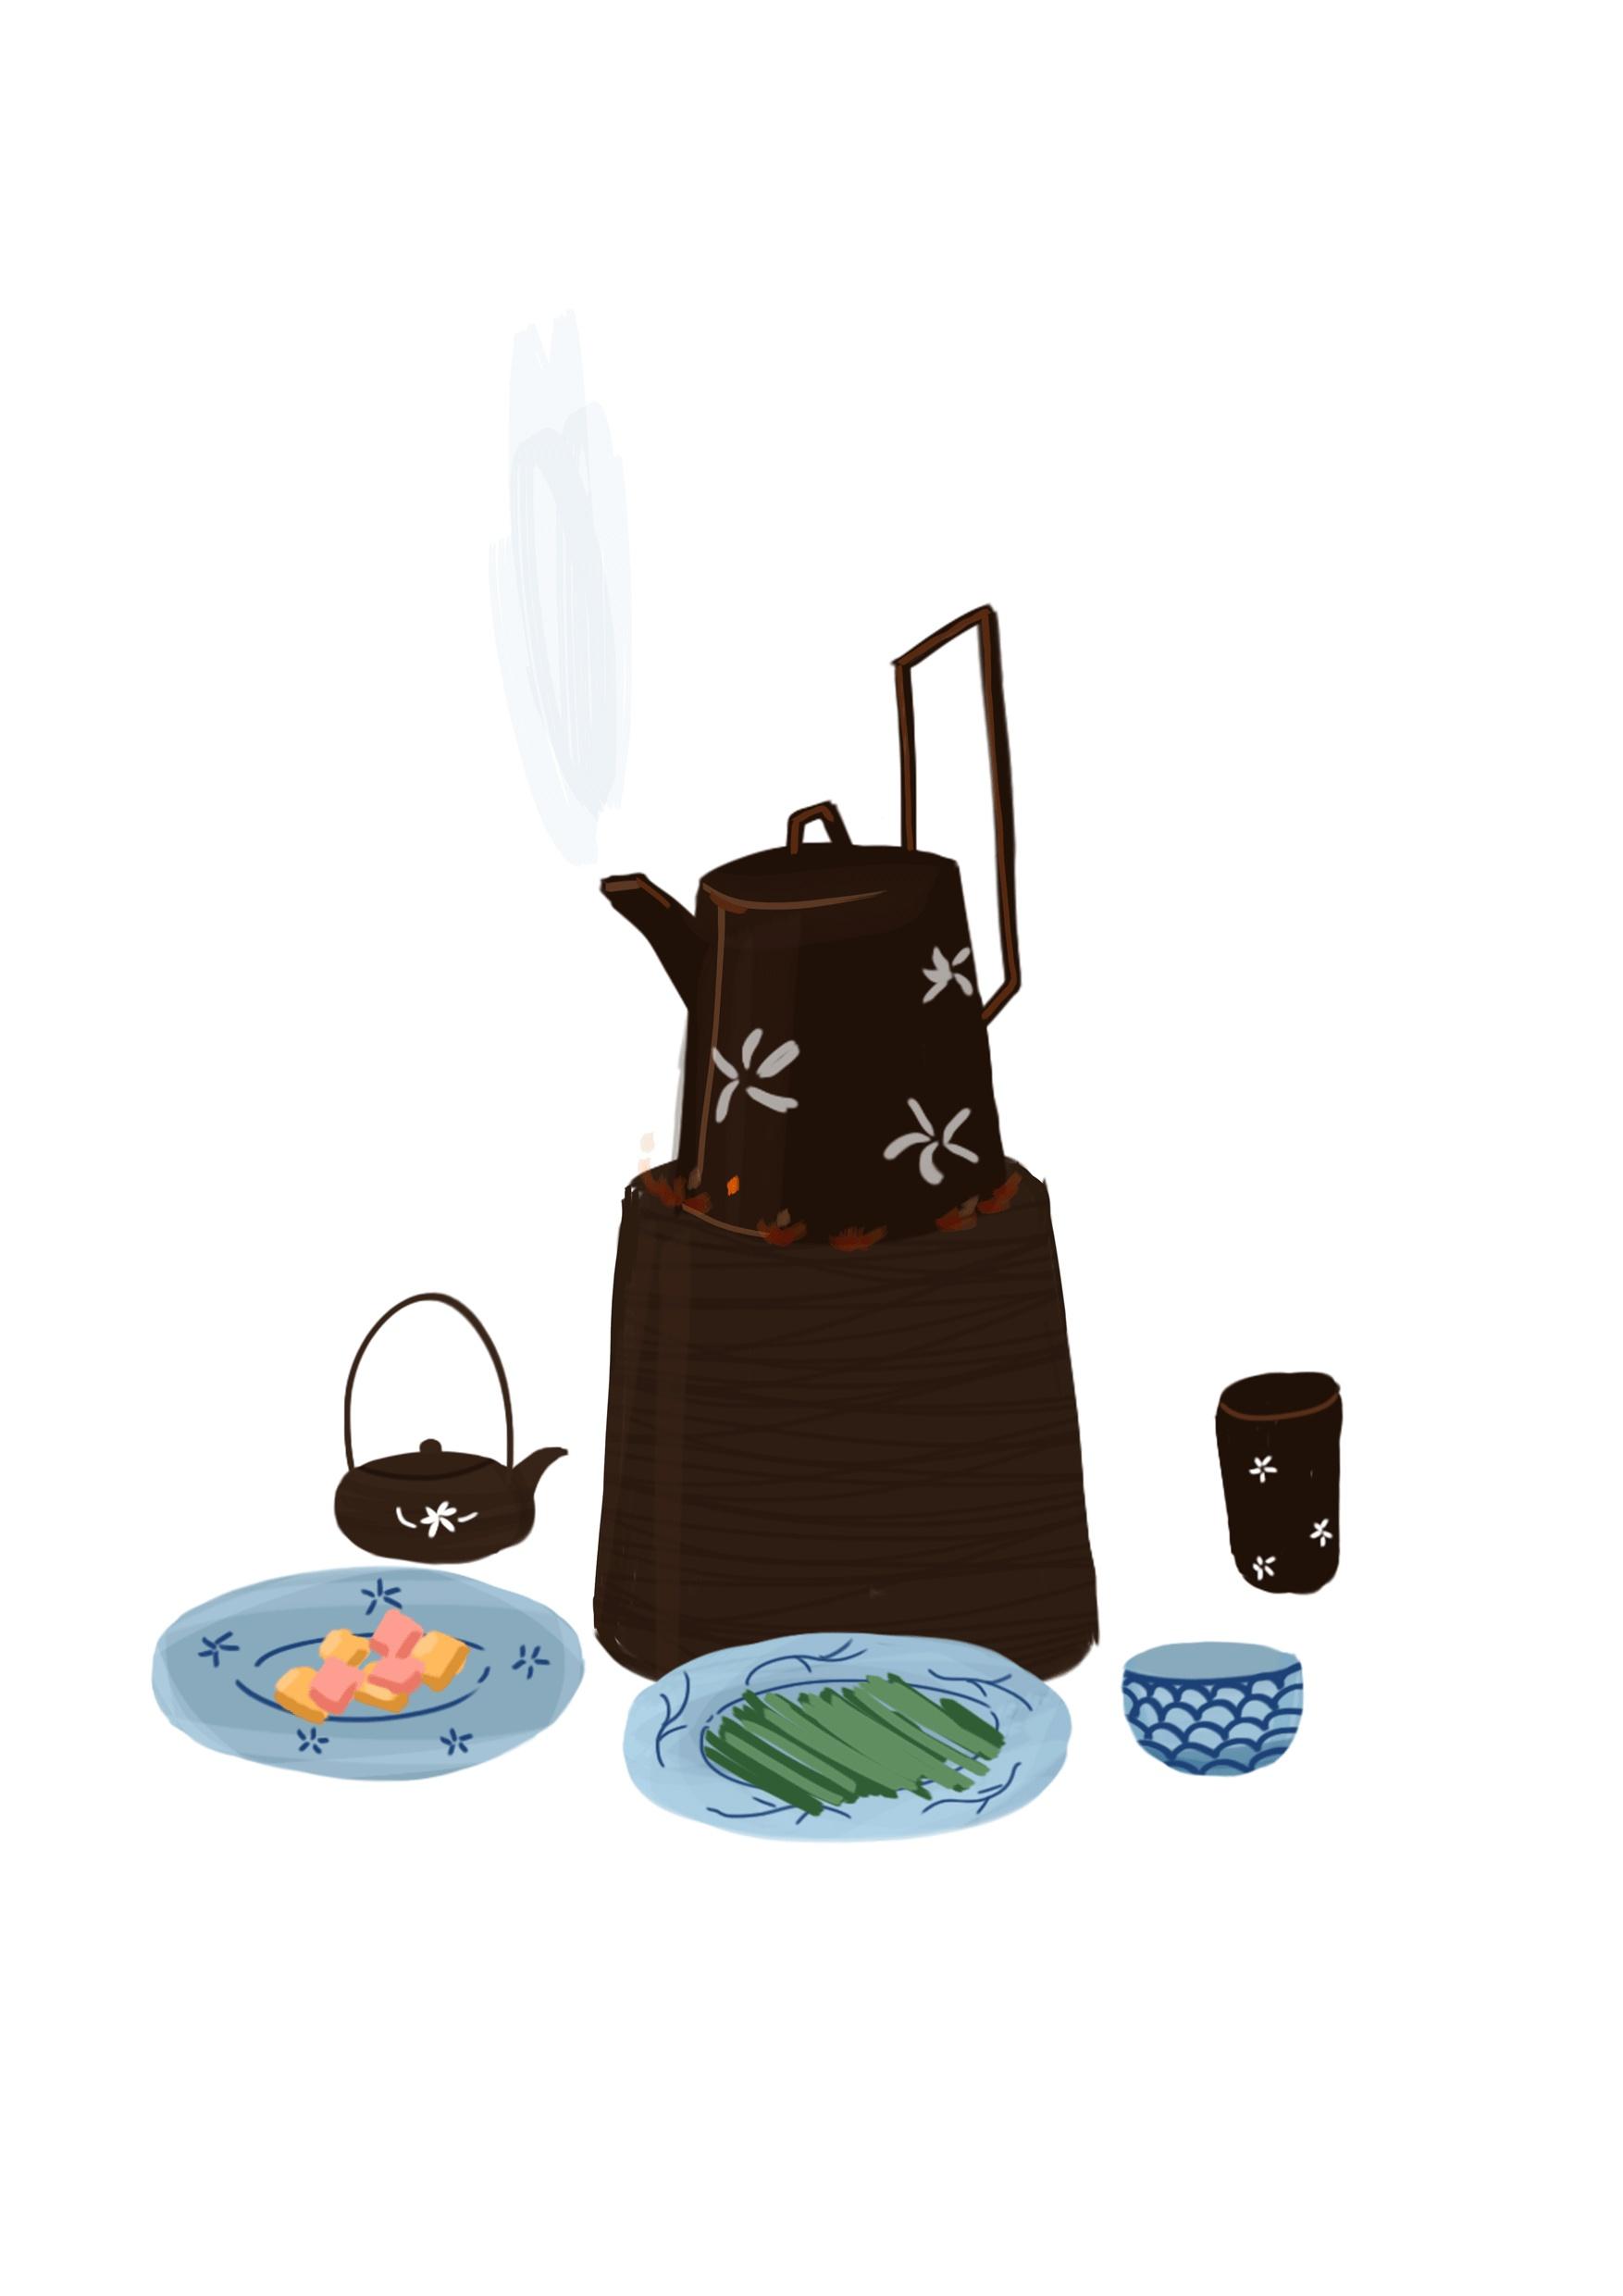 艺妓回忆录_艺妓回忆录 插画 商业插画 青年福猫 - 原创作品 - 站酷 (ZCOOL)